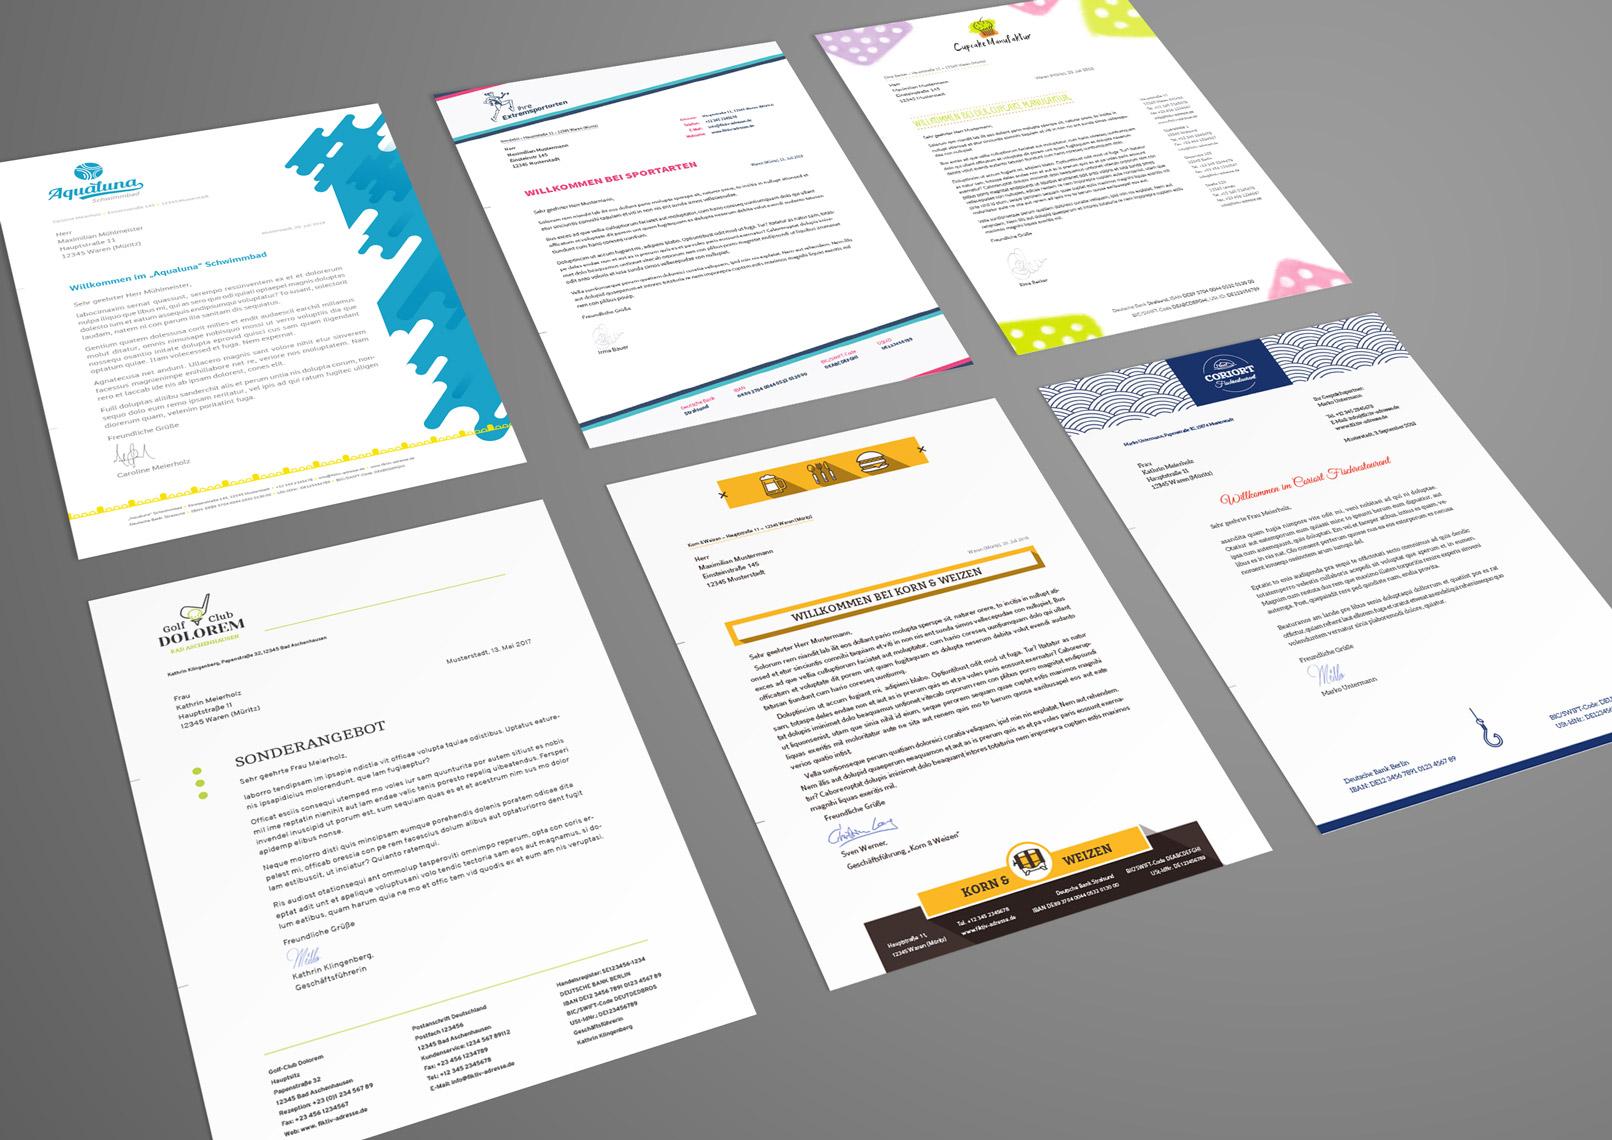 6 Anschreiben-Seiten, die in dem Paket für Briefpapiere enthalten sind